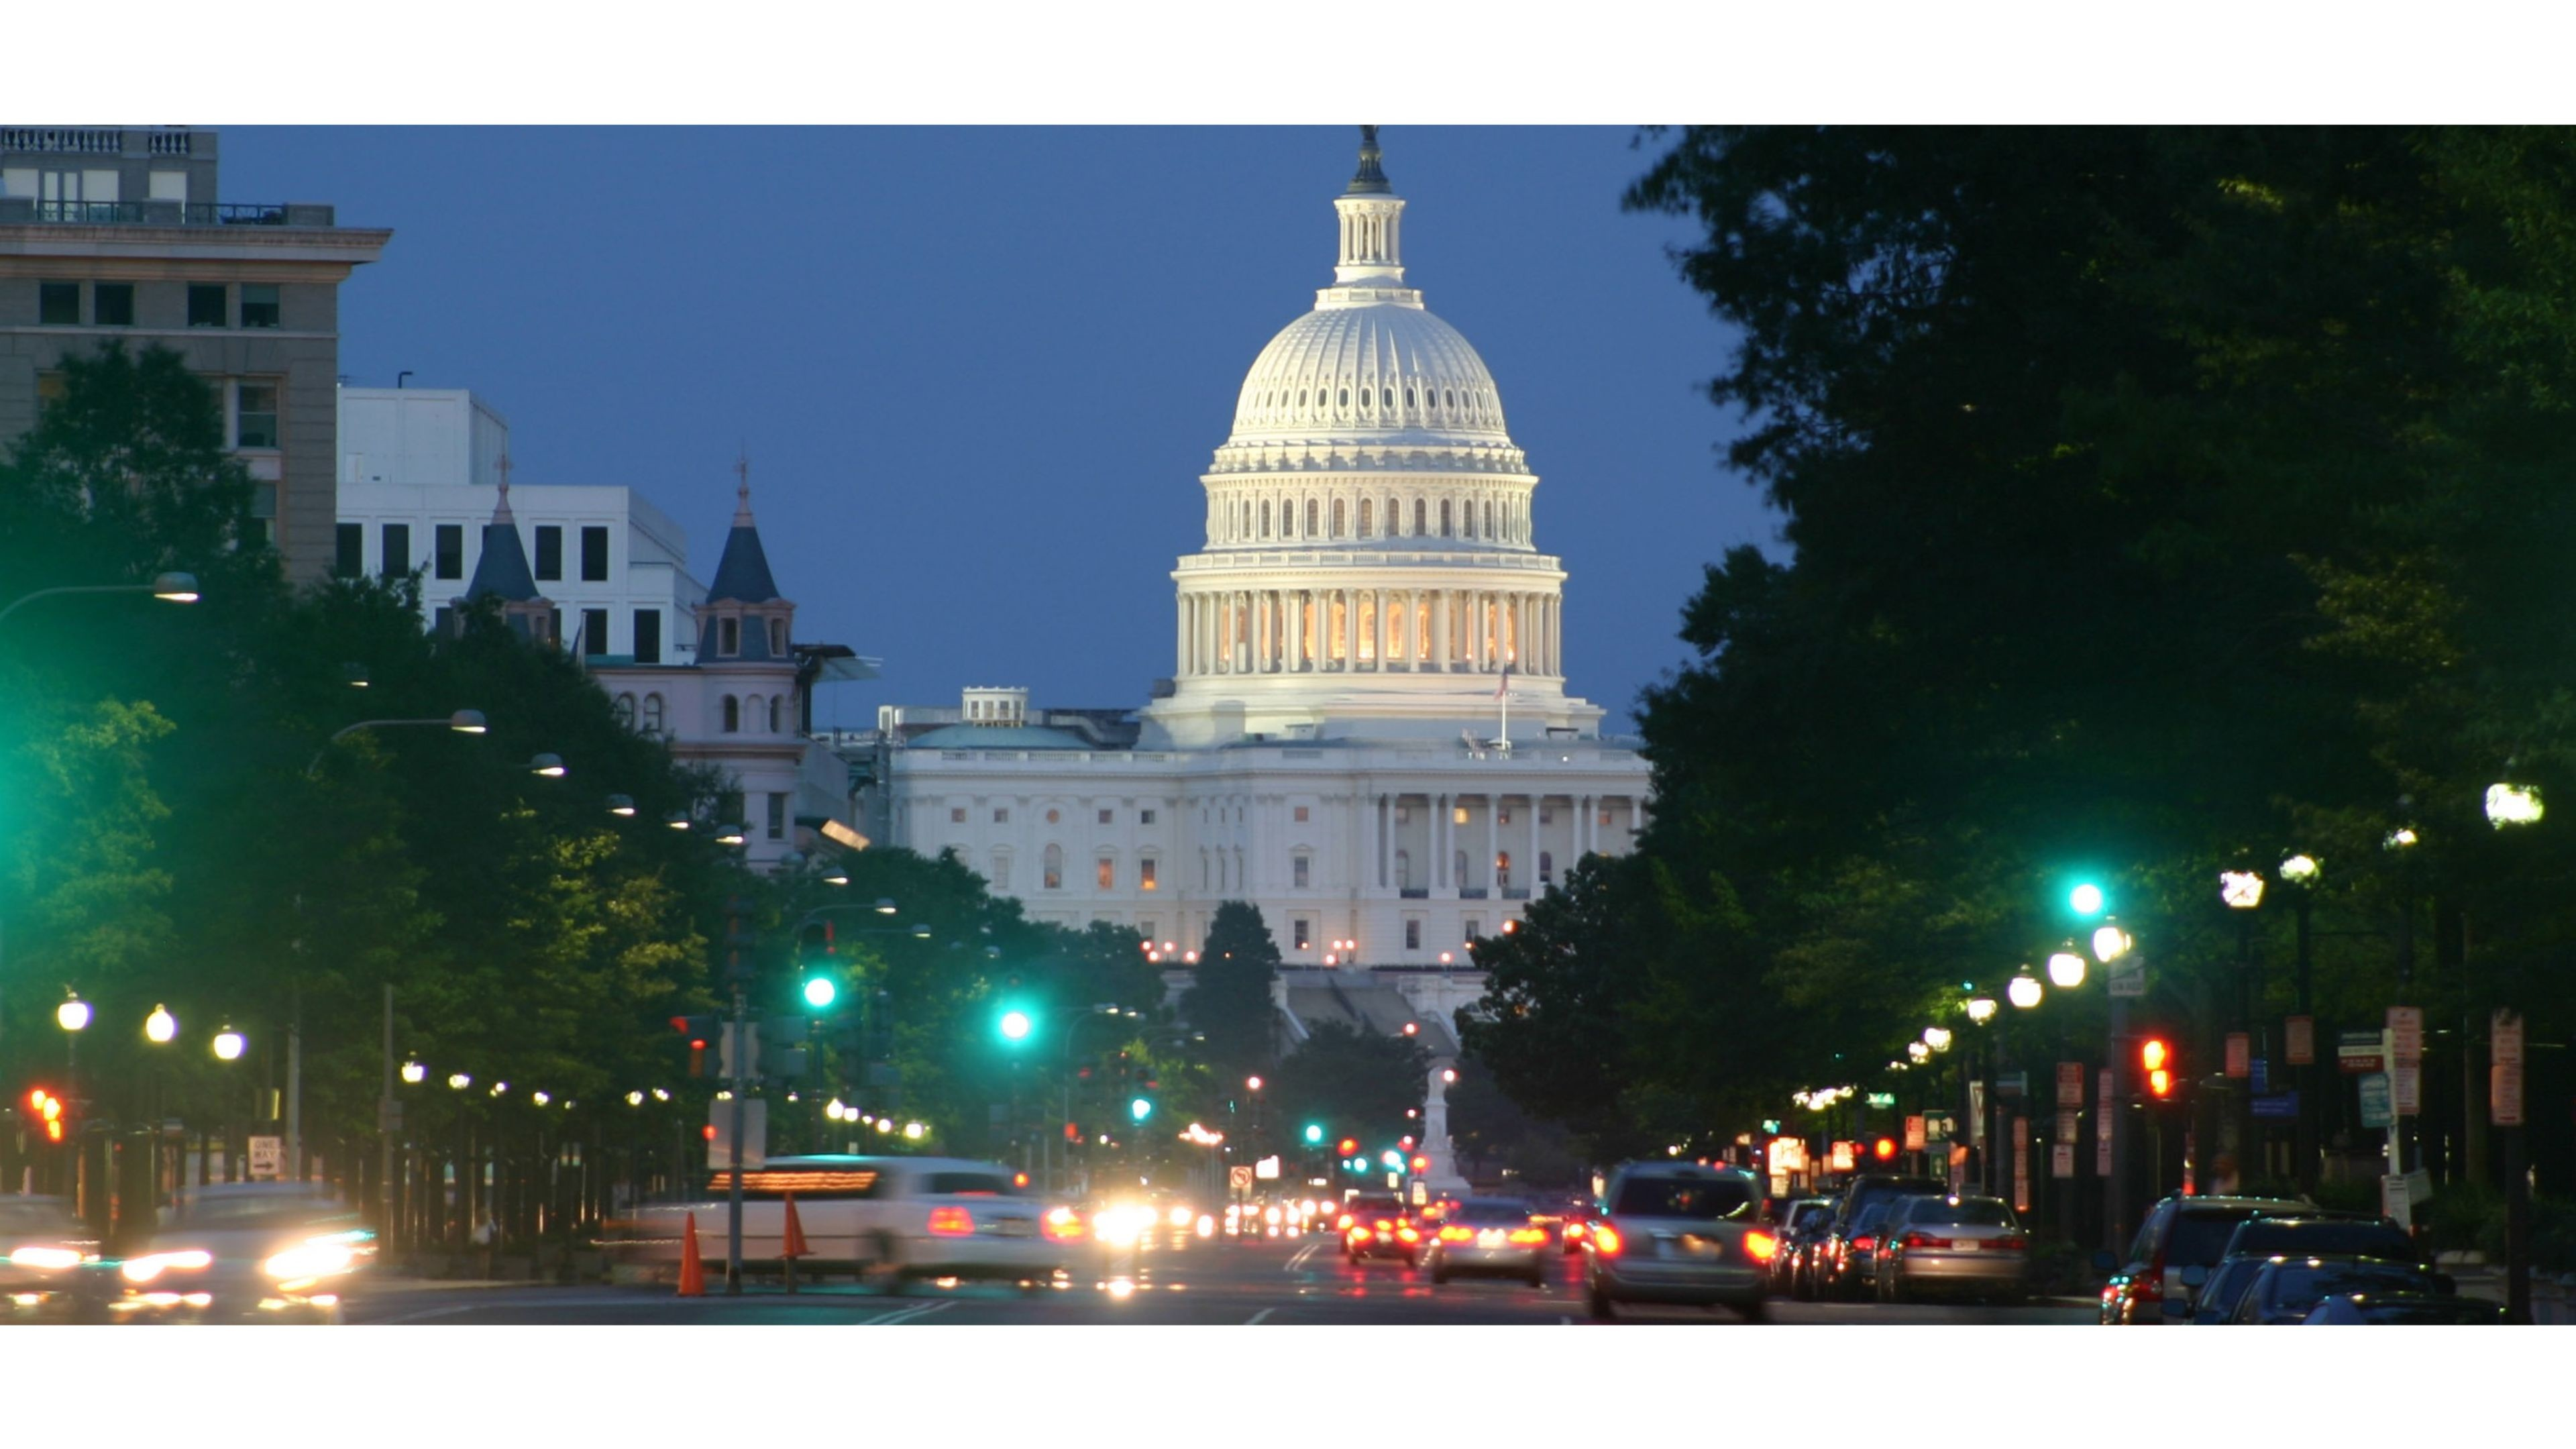 Download 4K Washington DC Wallpapers | Free 4K Wallpaper